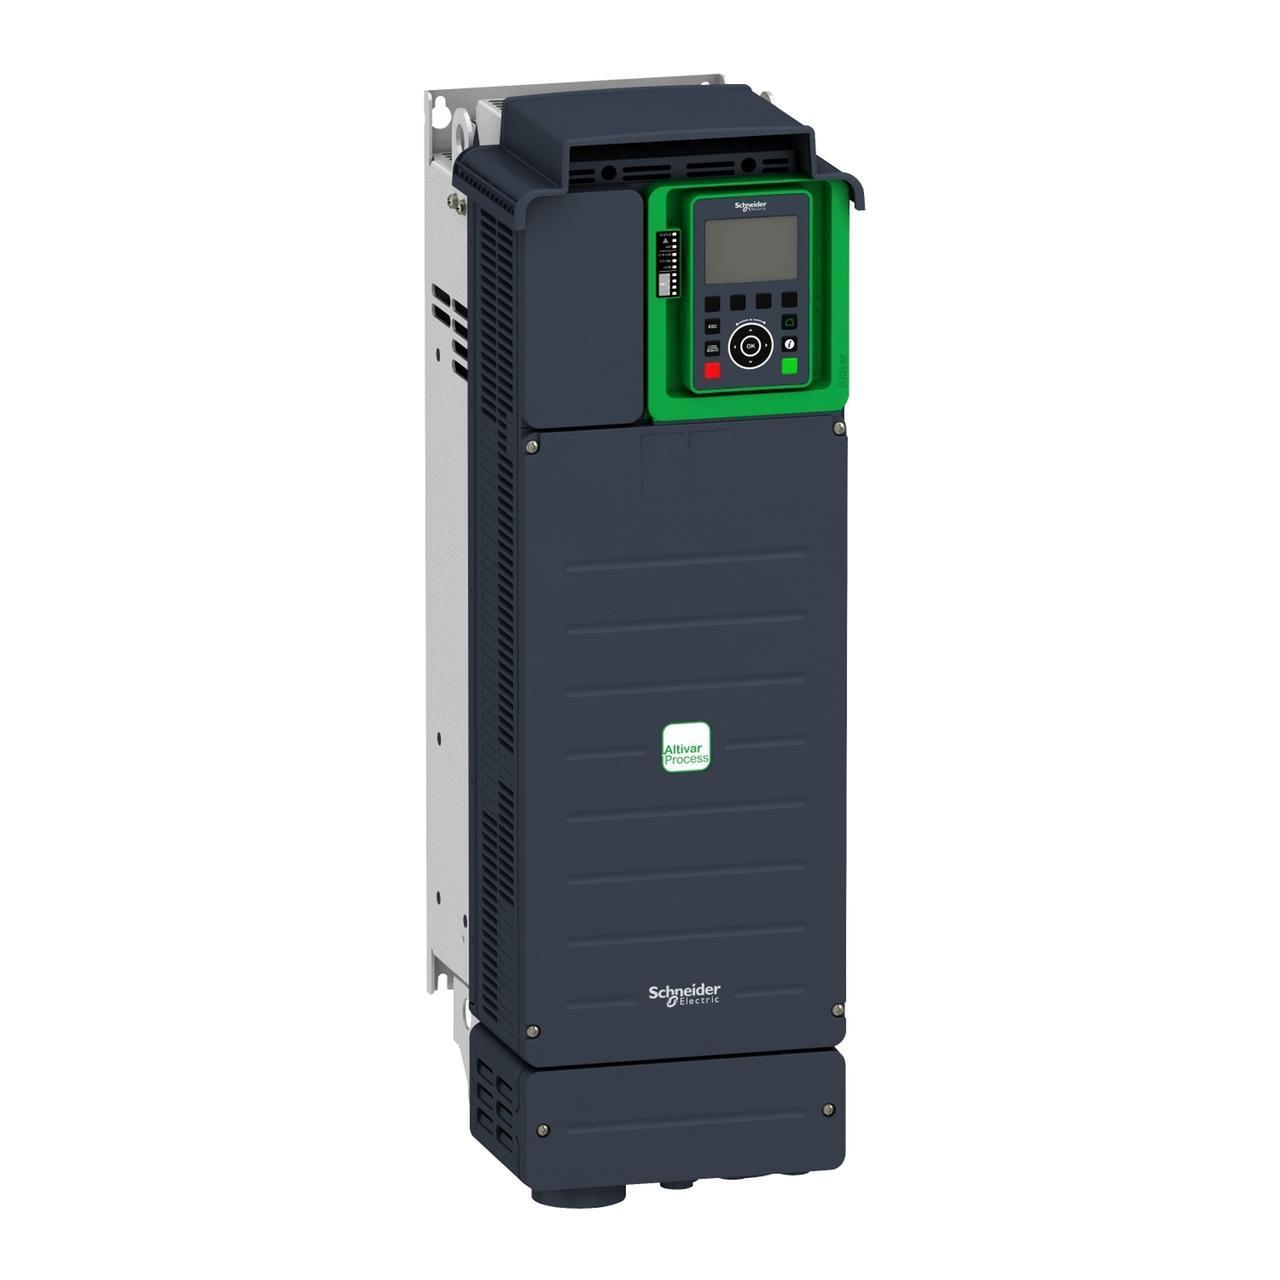 Преобразователи частоты Schneider Electric, серия Altivar 630, 650 от 1,5 до 315 кВт